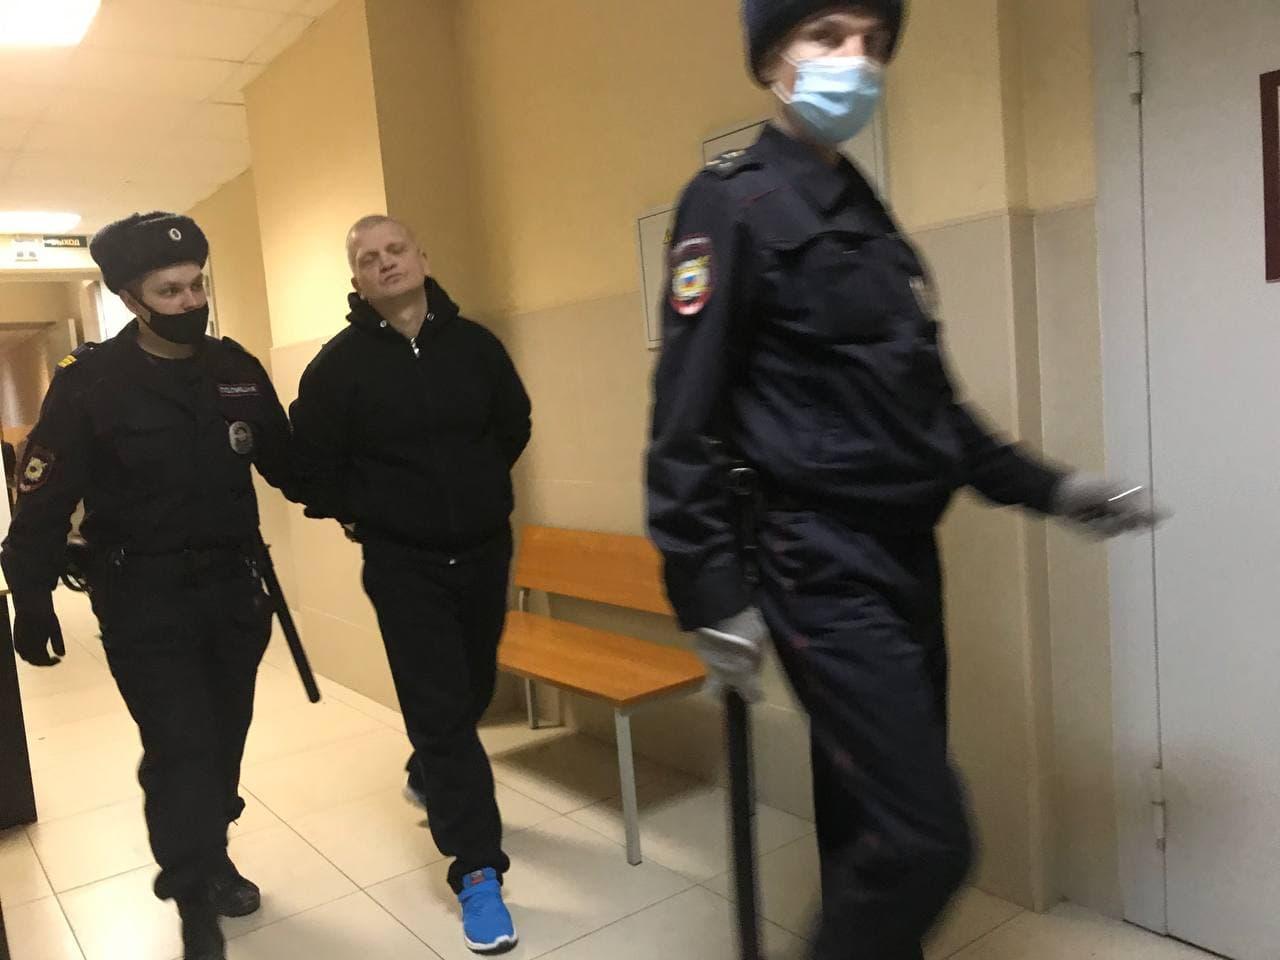 Суд приговорил обвиняемого в нападении на омоновца на акции 31 января Туганкова к 1 году колонии-поселения